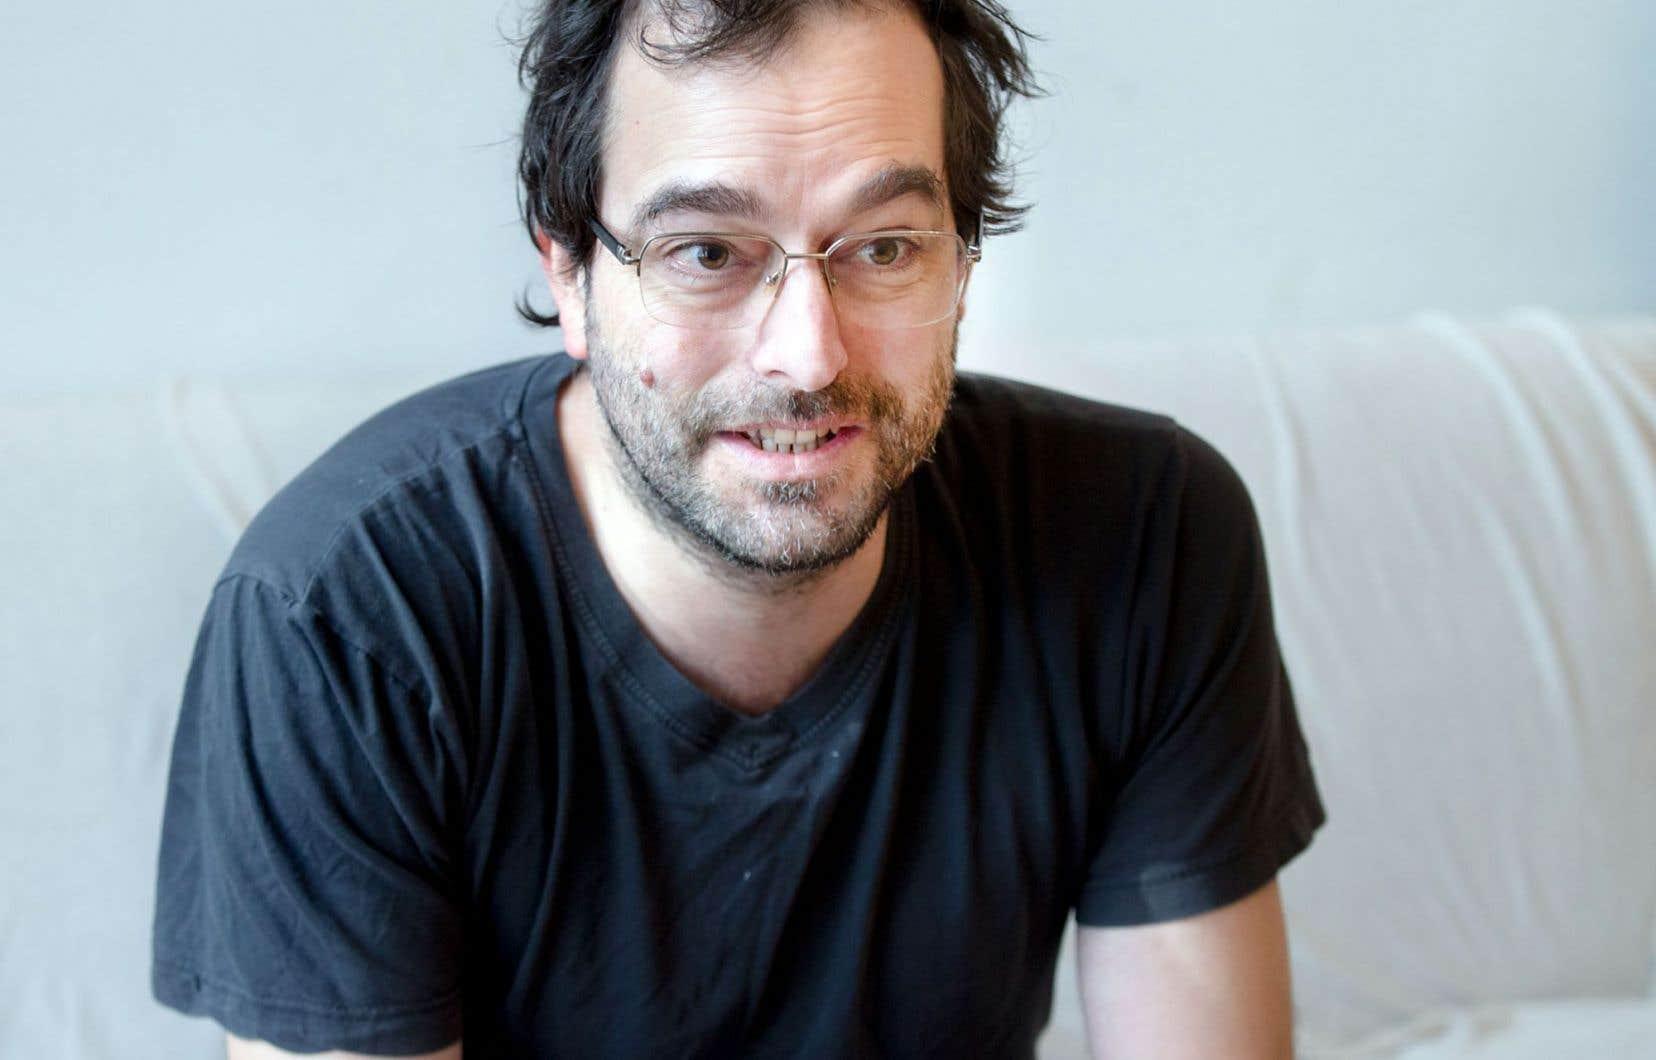 Dominic Gagnon: «Mon but n'est jamais de ridiculiser, mais de contextualiser. J'y vois une forme d'archéologie numérique.»